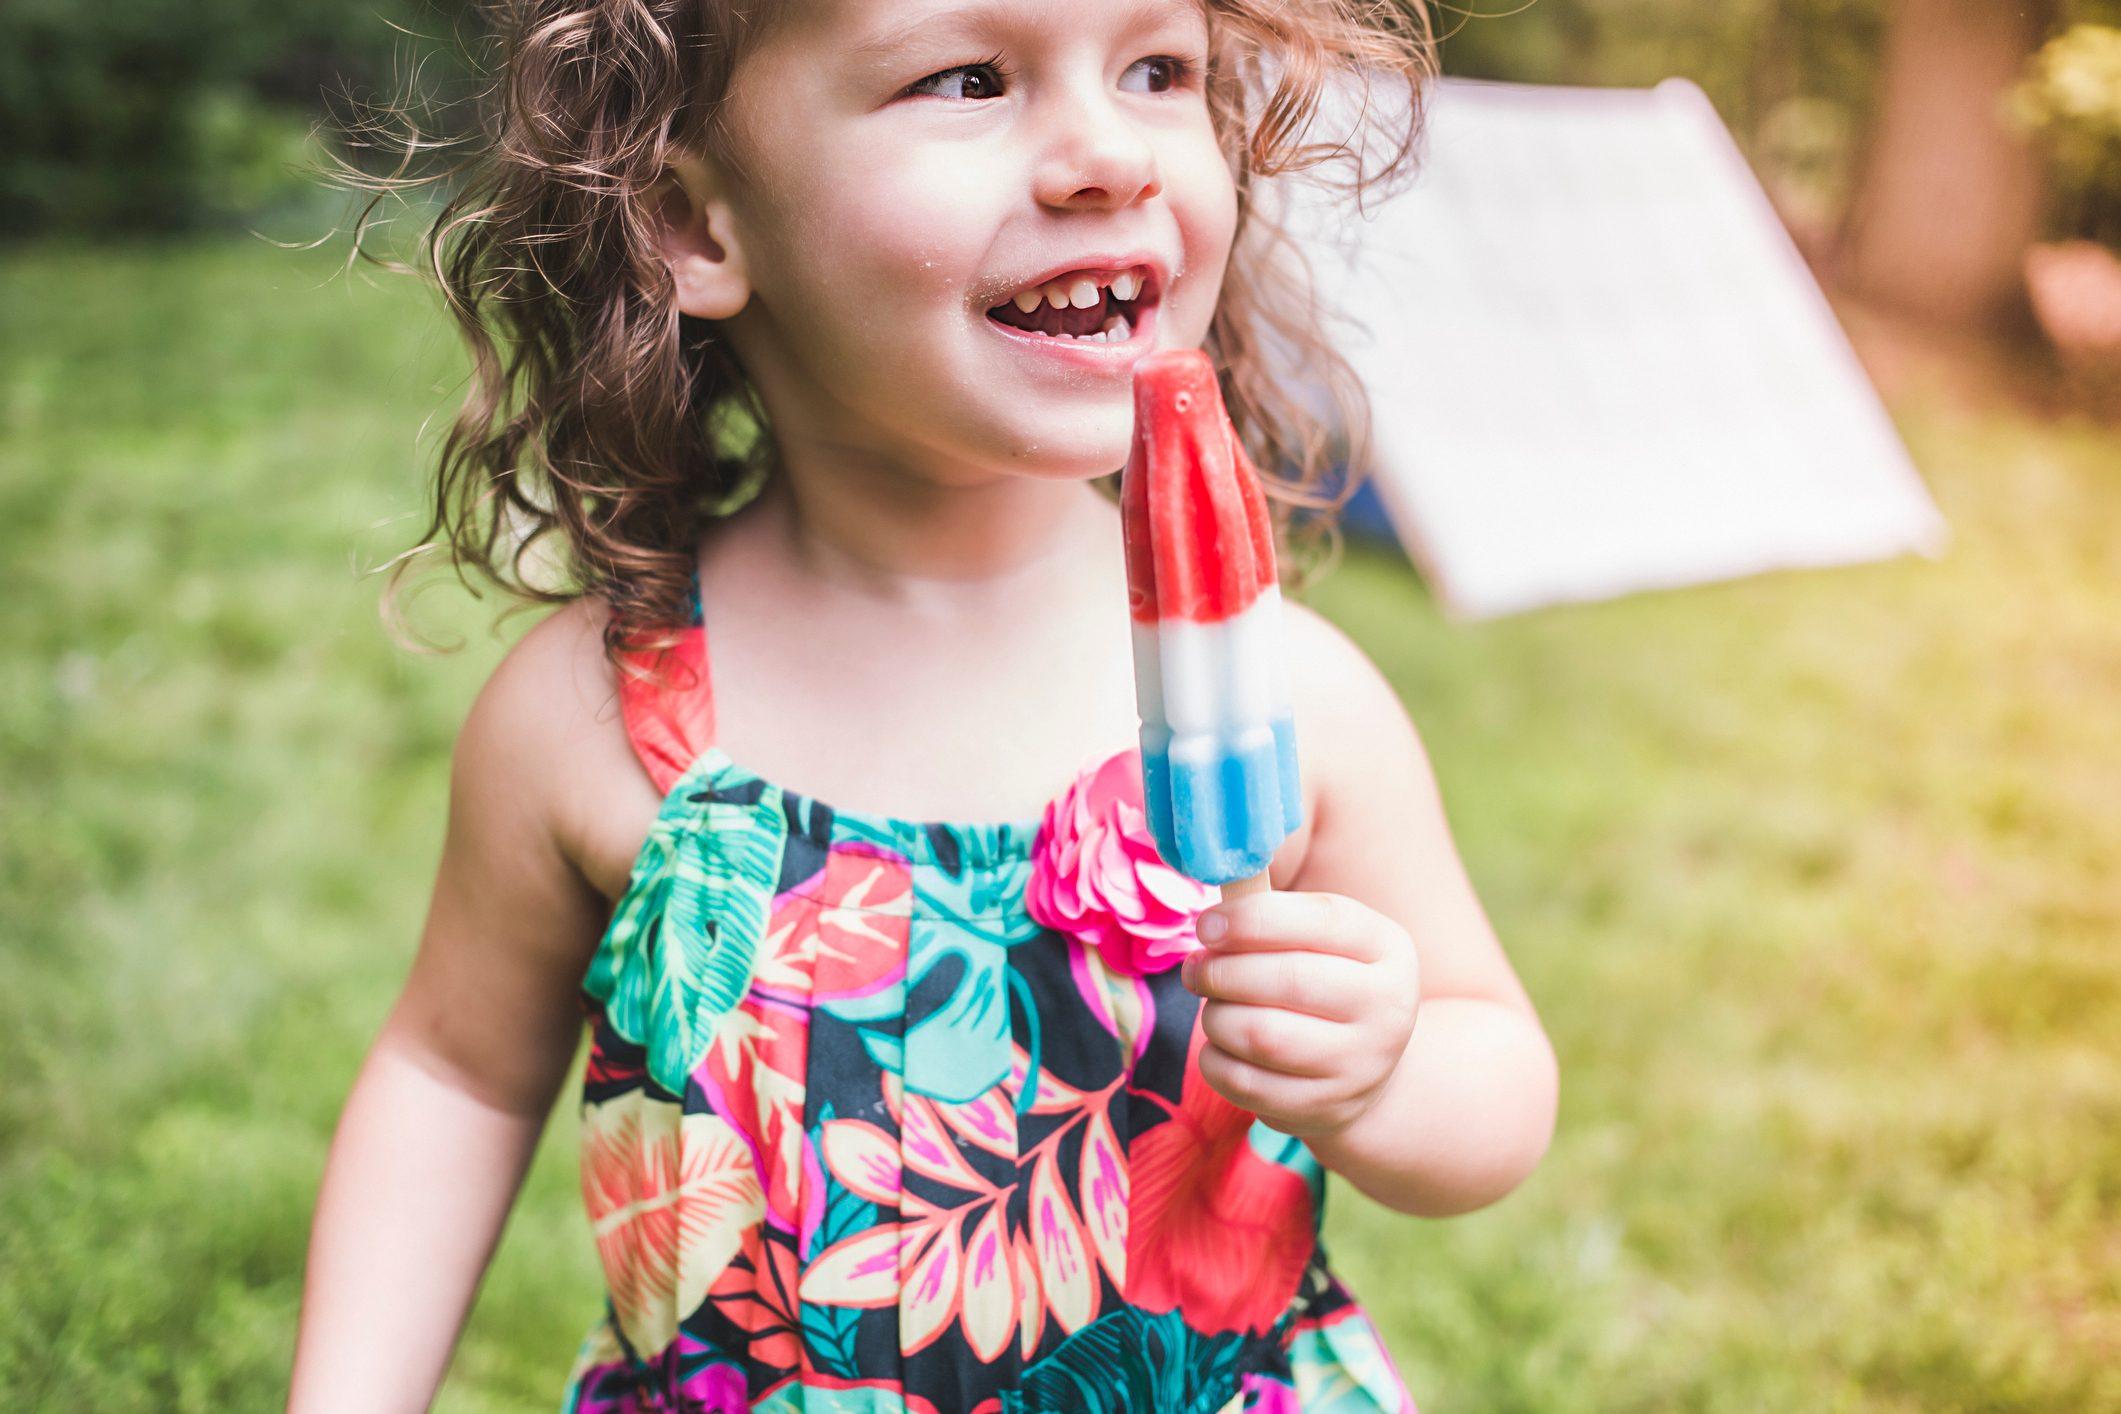 Girl in garden eating ice lolly